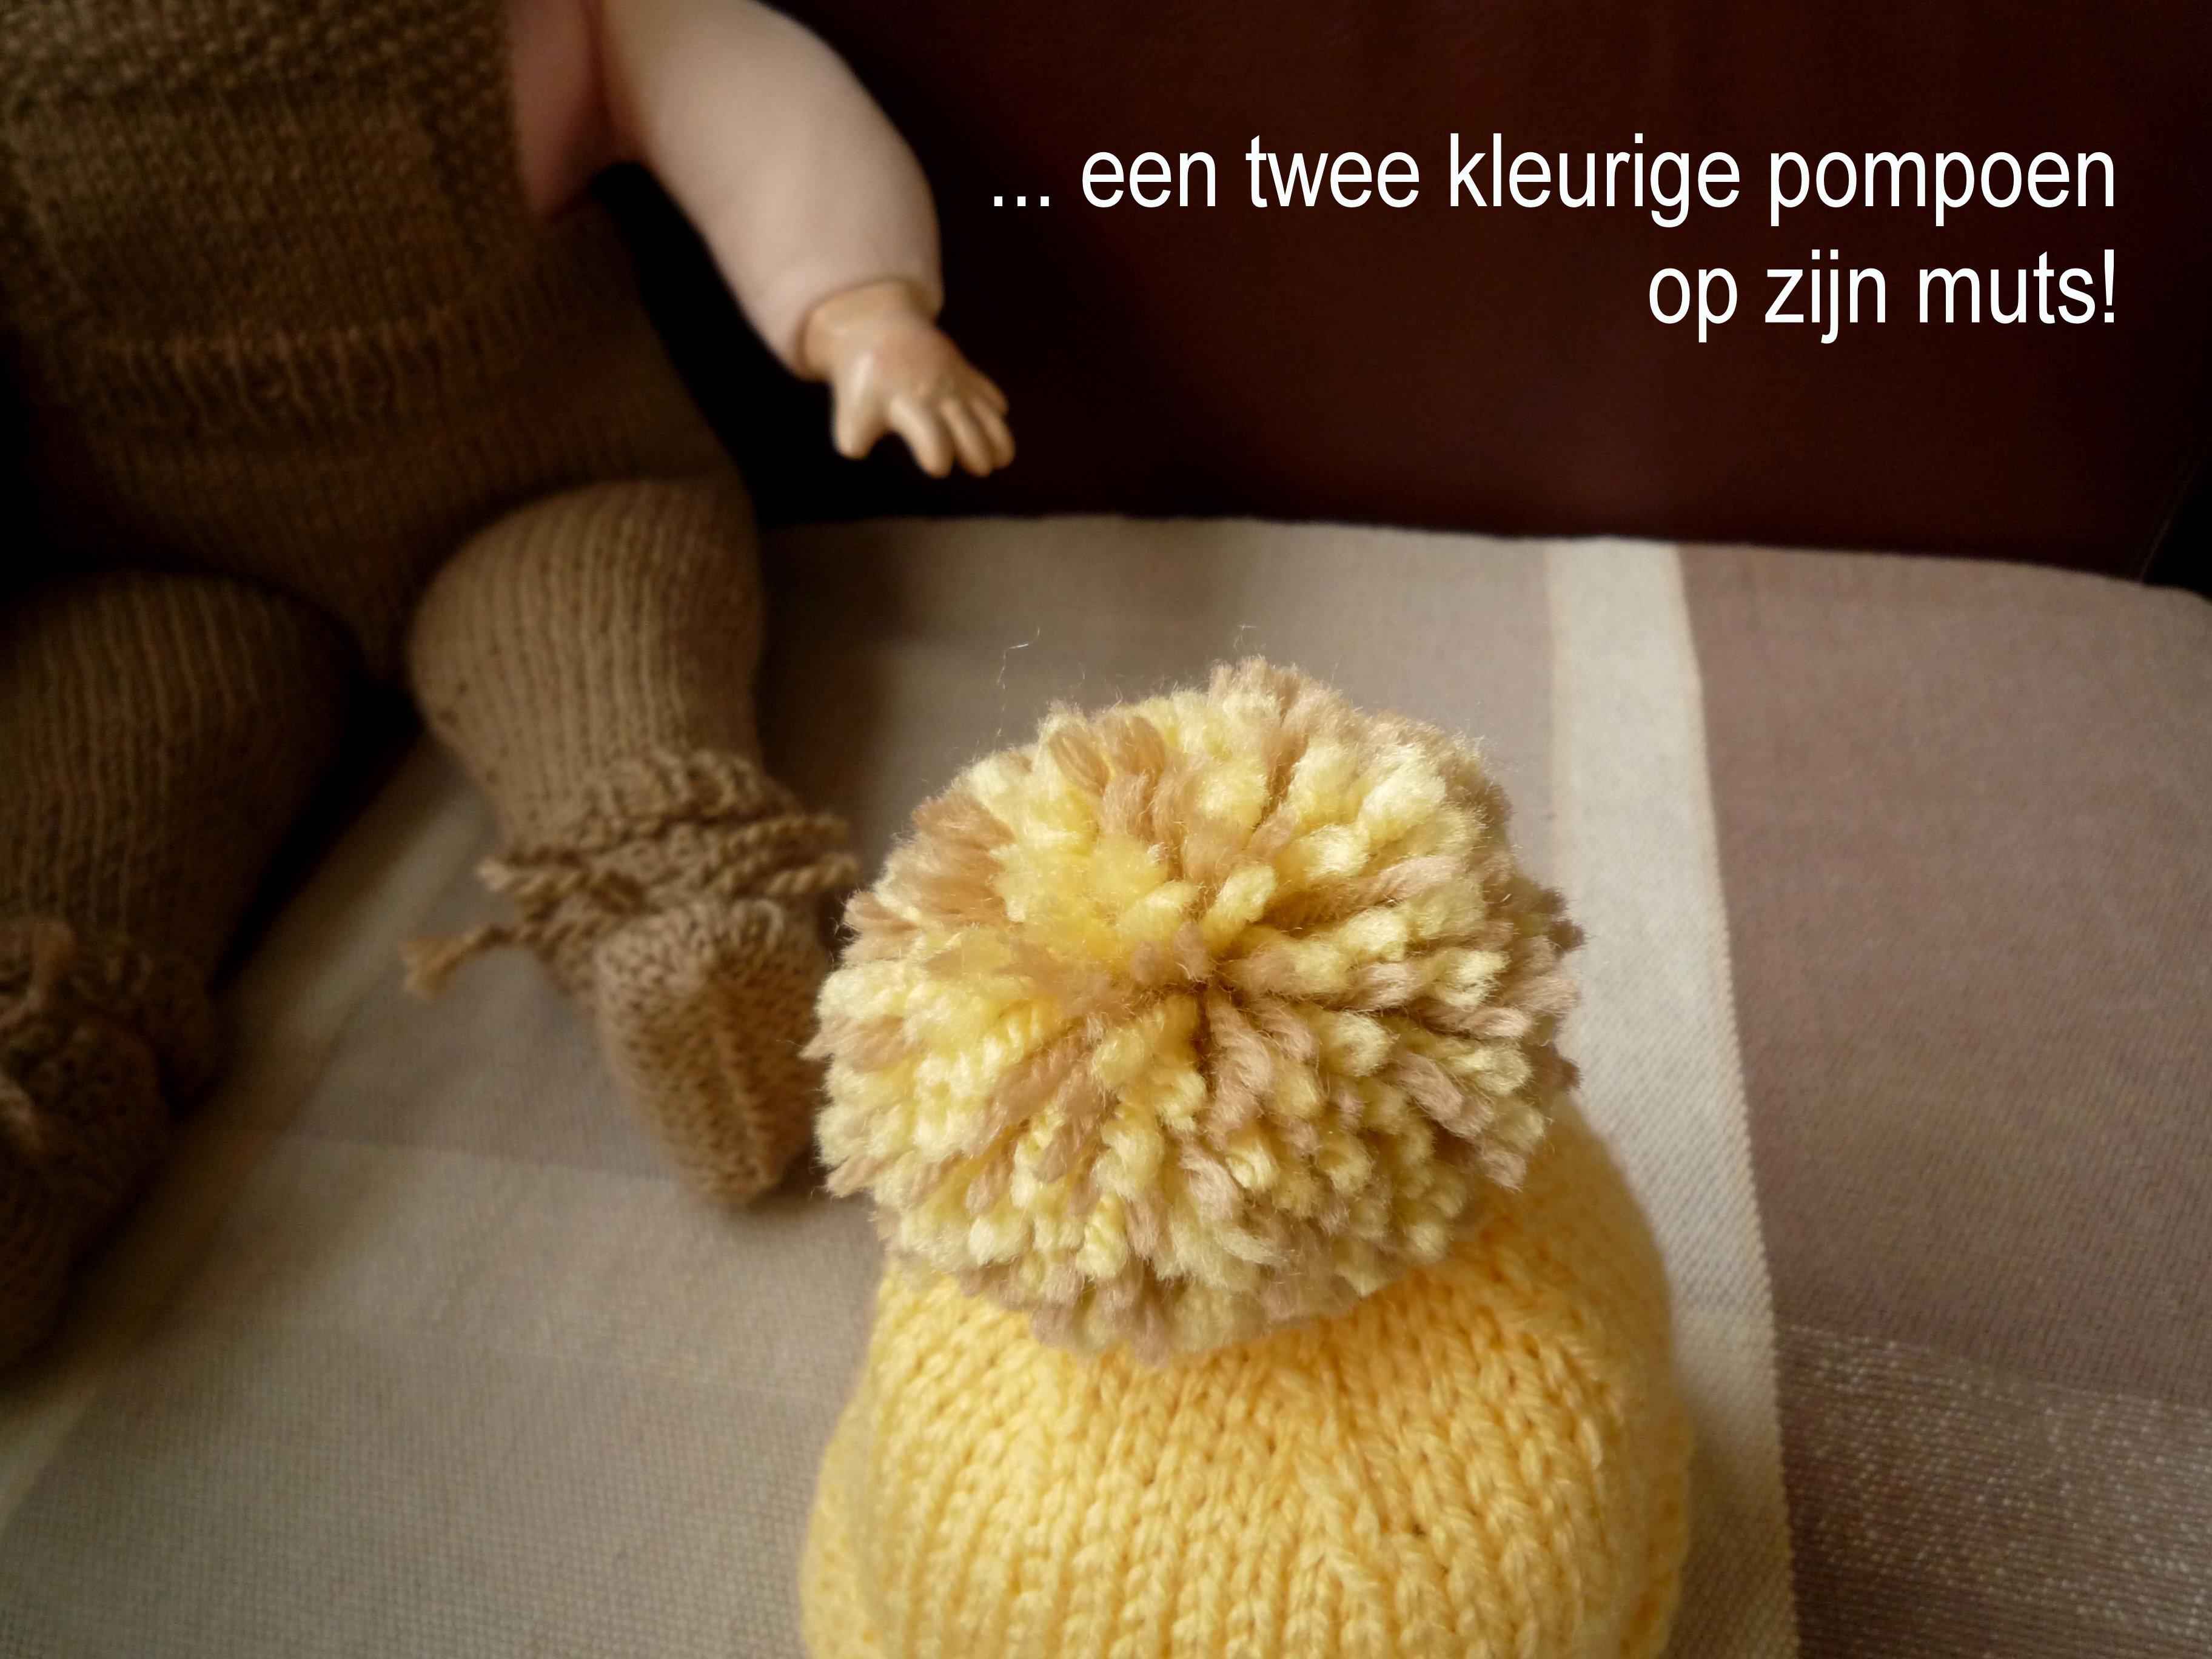 https://welkepopisdat.nl/afbeeldingen-Forum/DurvinaFotos/Bart%20en%20Daan%20(13).JPG